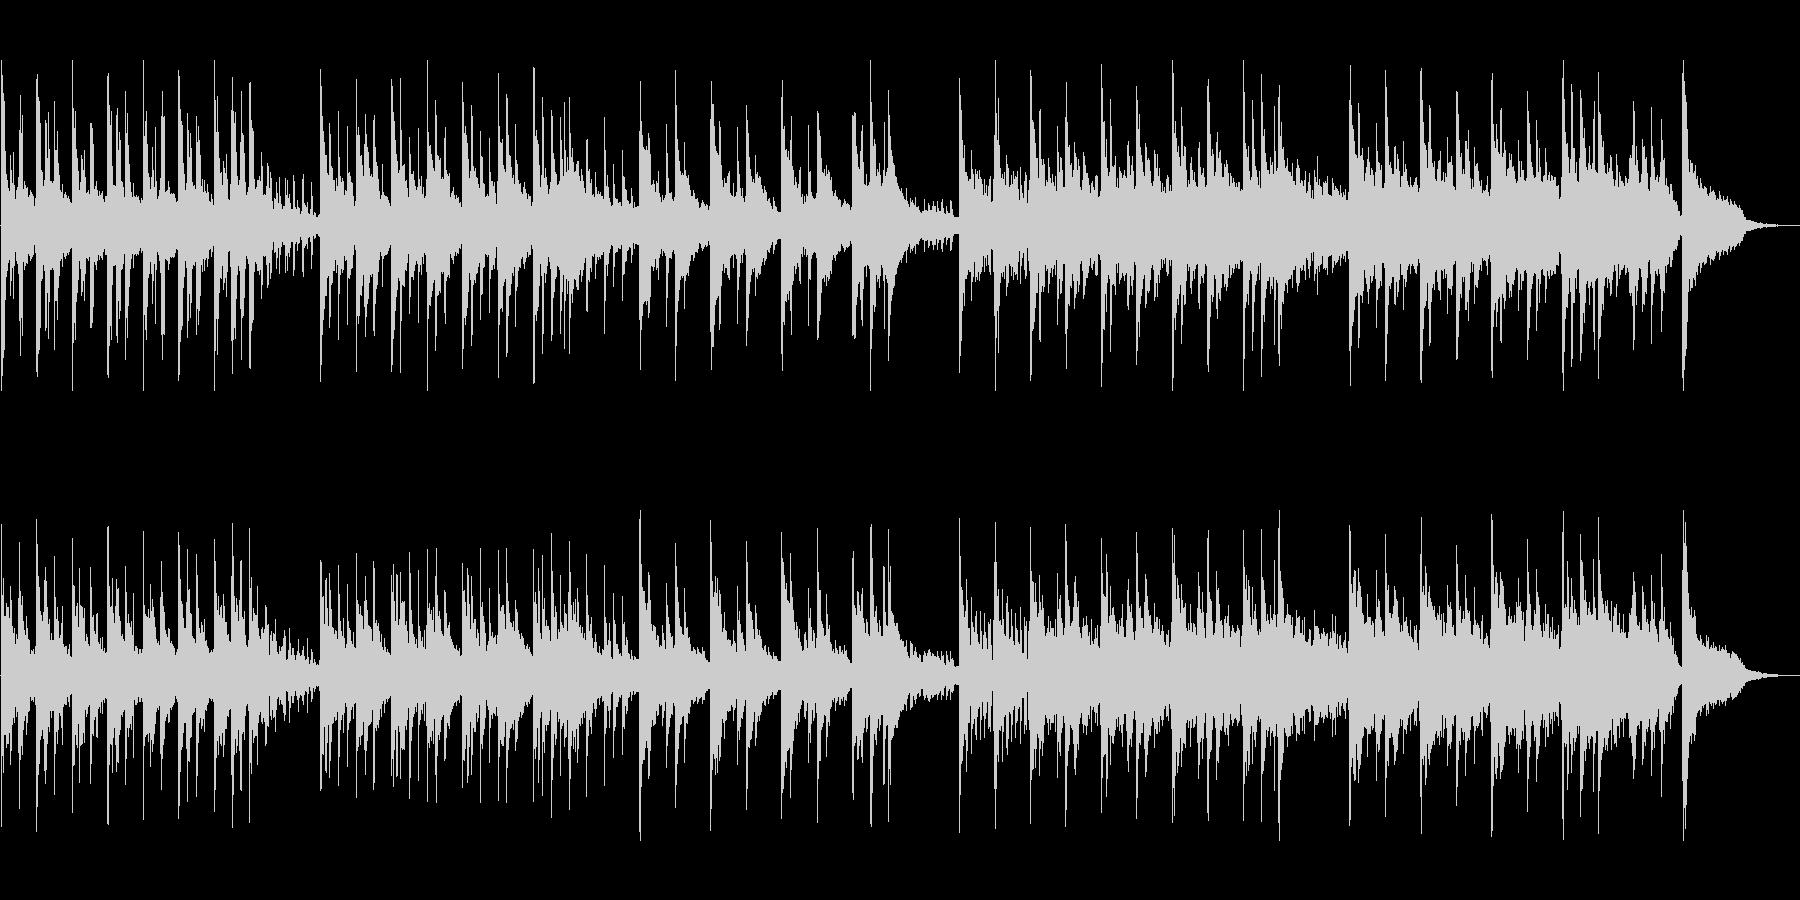 神秘と幻想を演出するセンチメンタルな音楽の未再生の波形